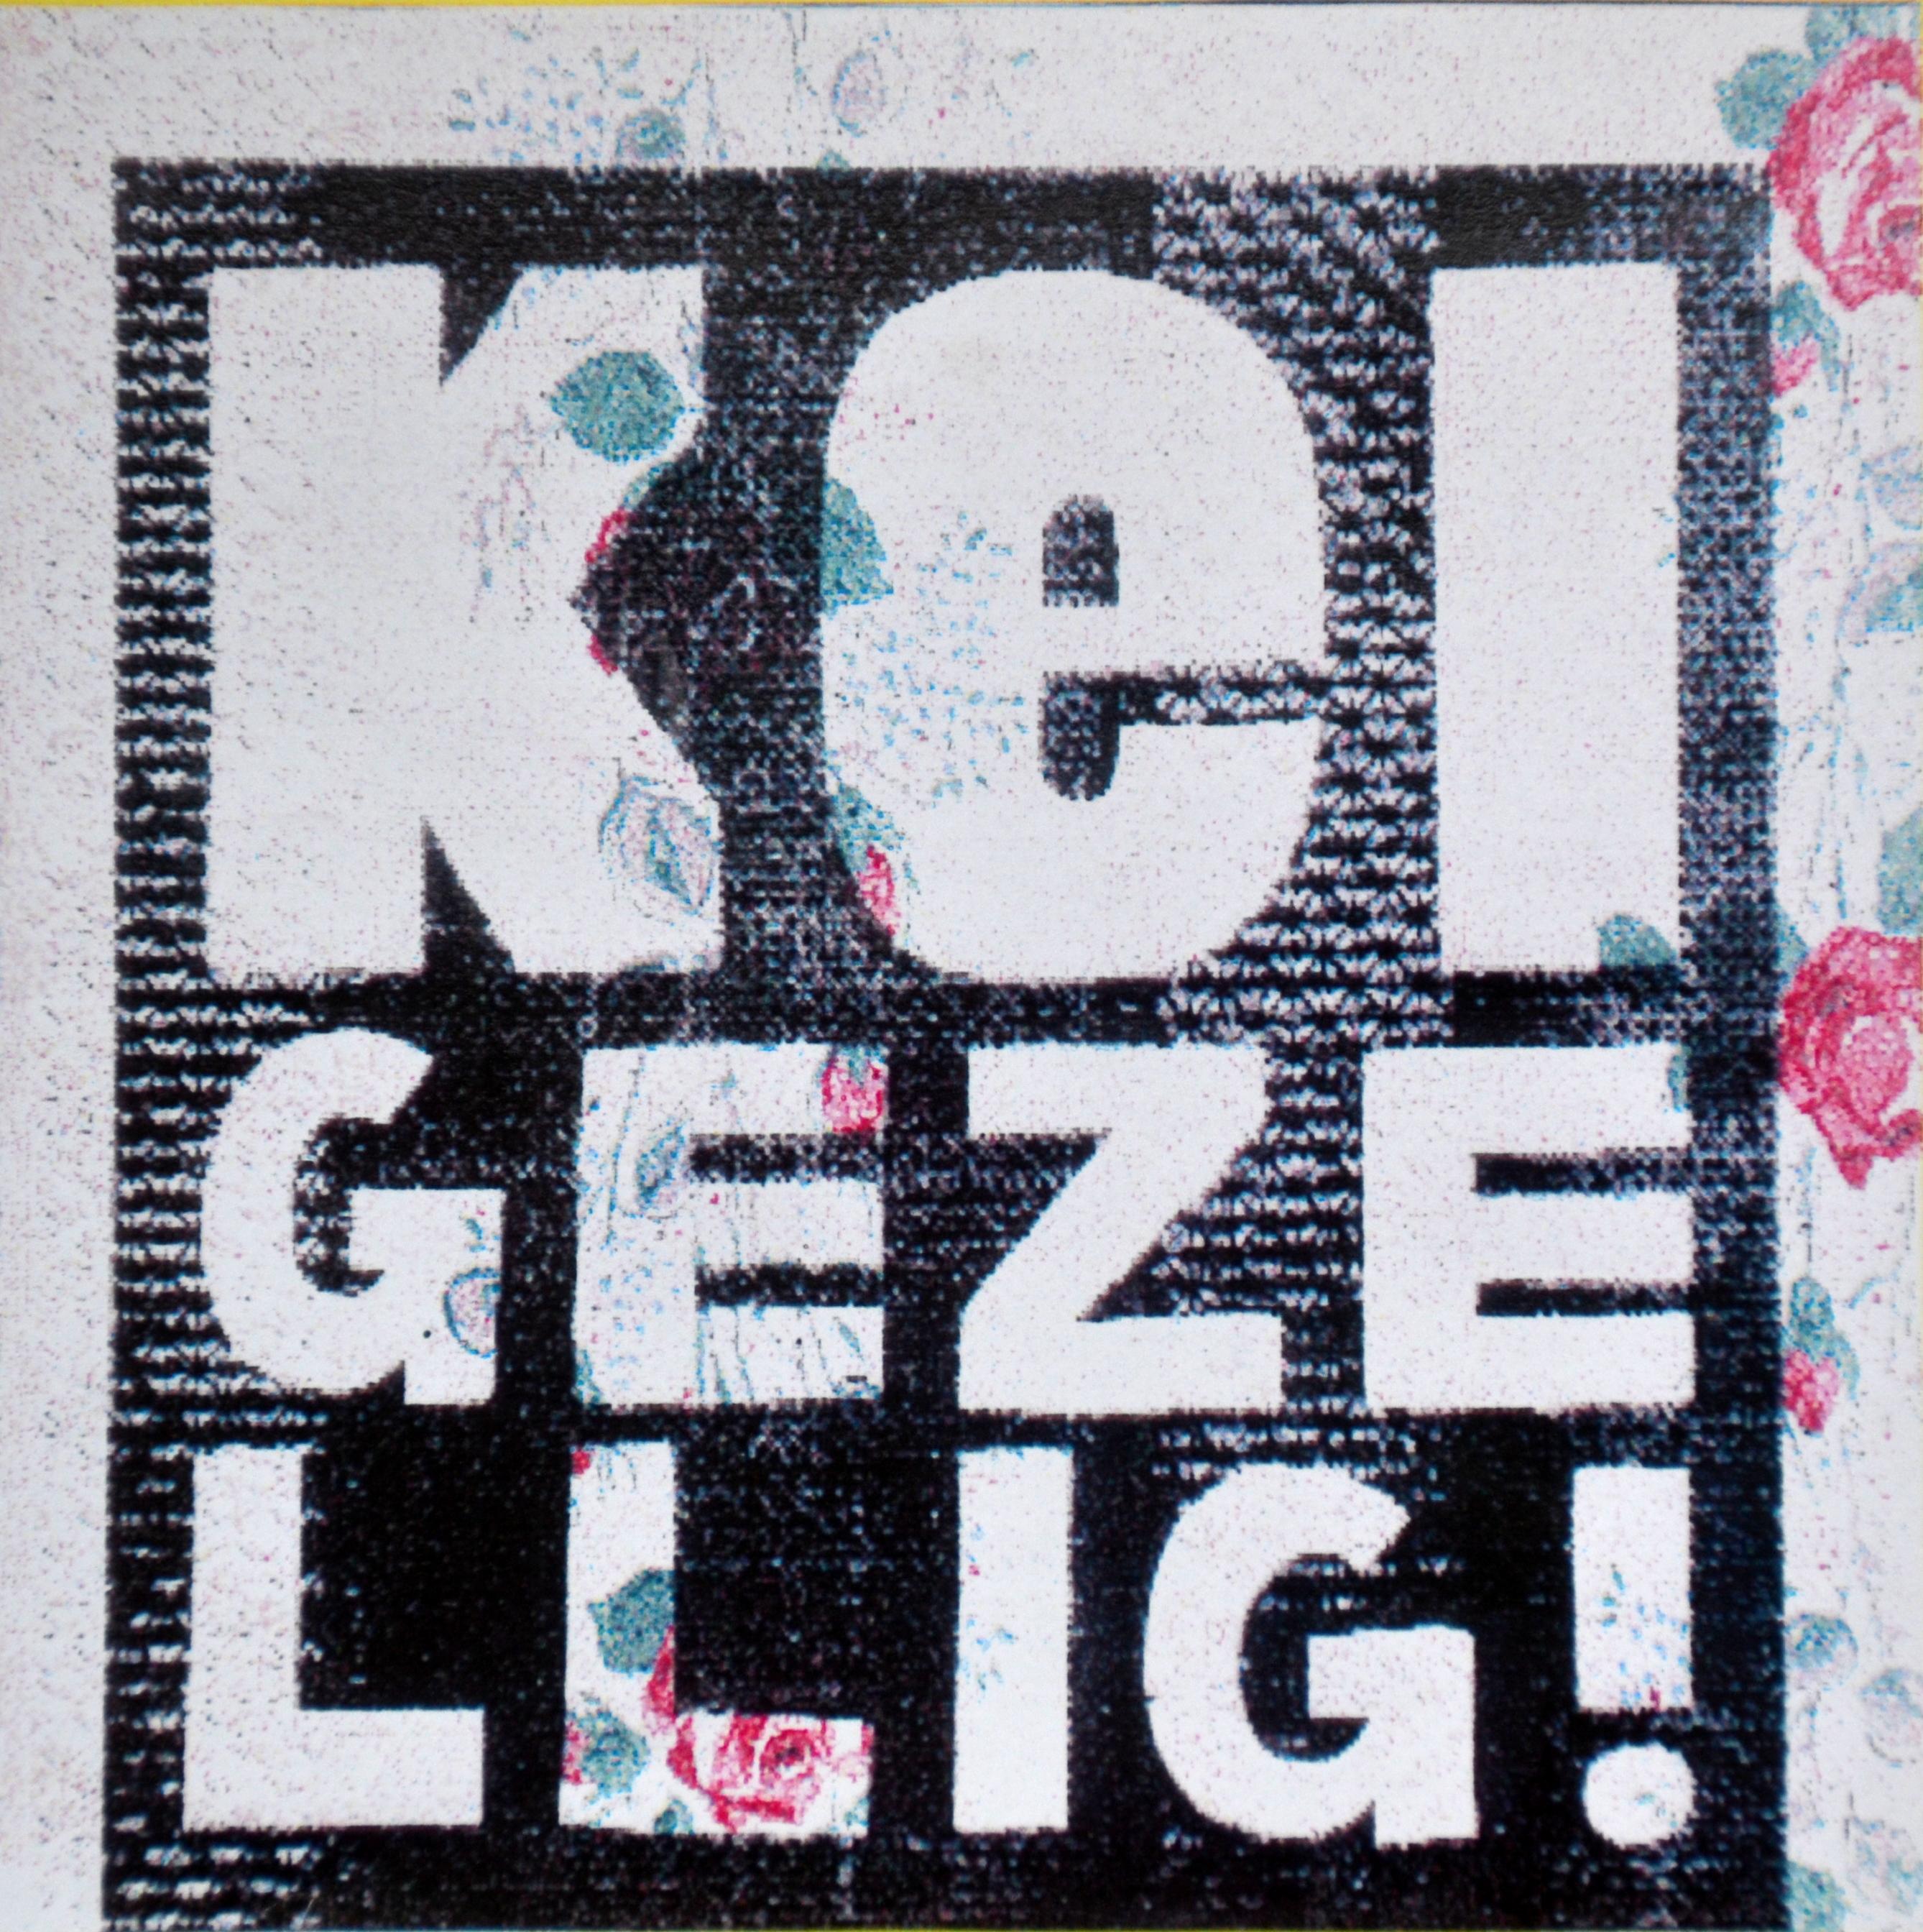 Albumhoes - Kei Gezellig!